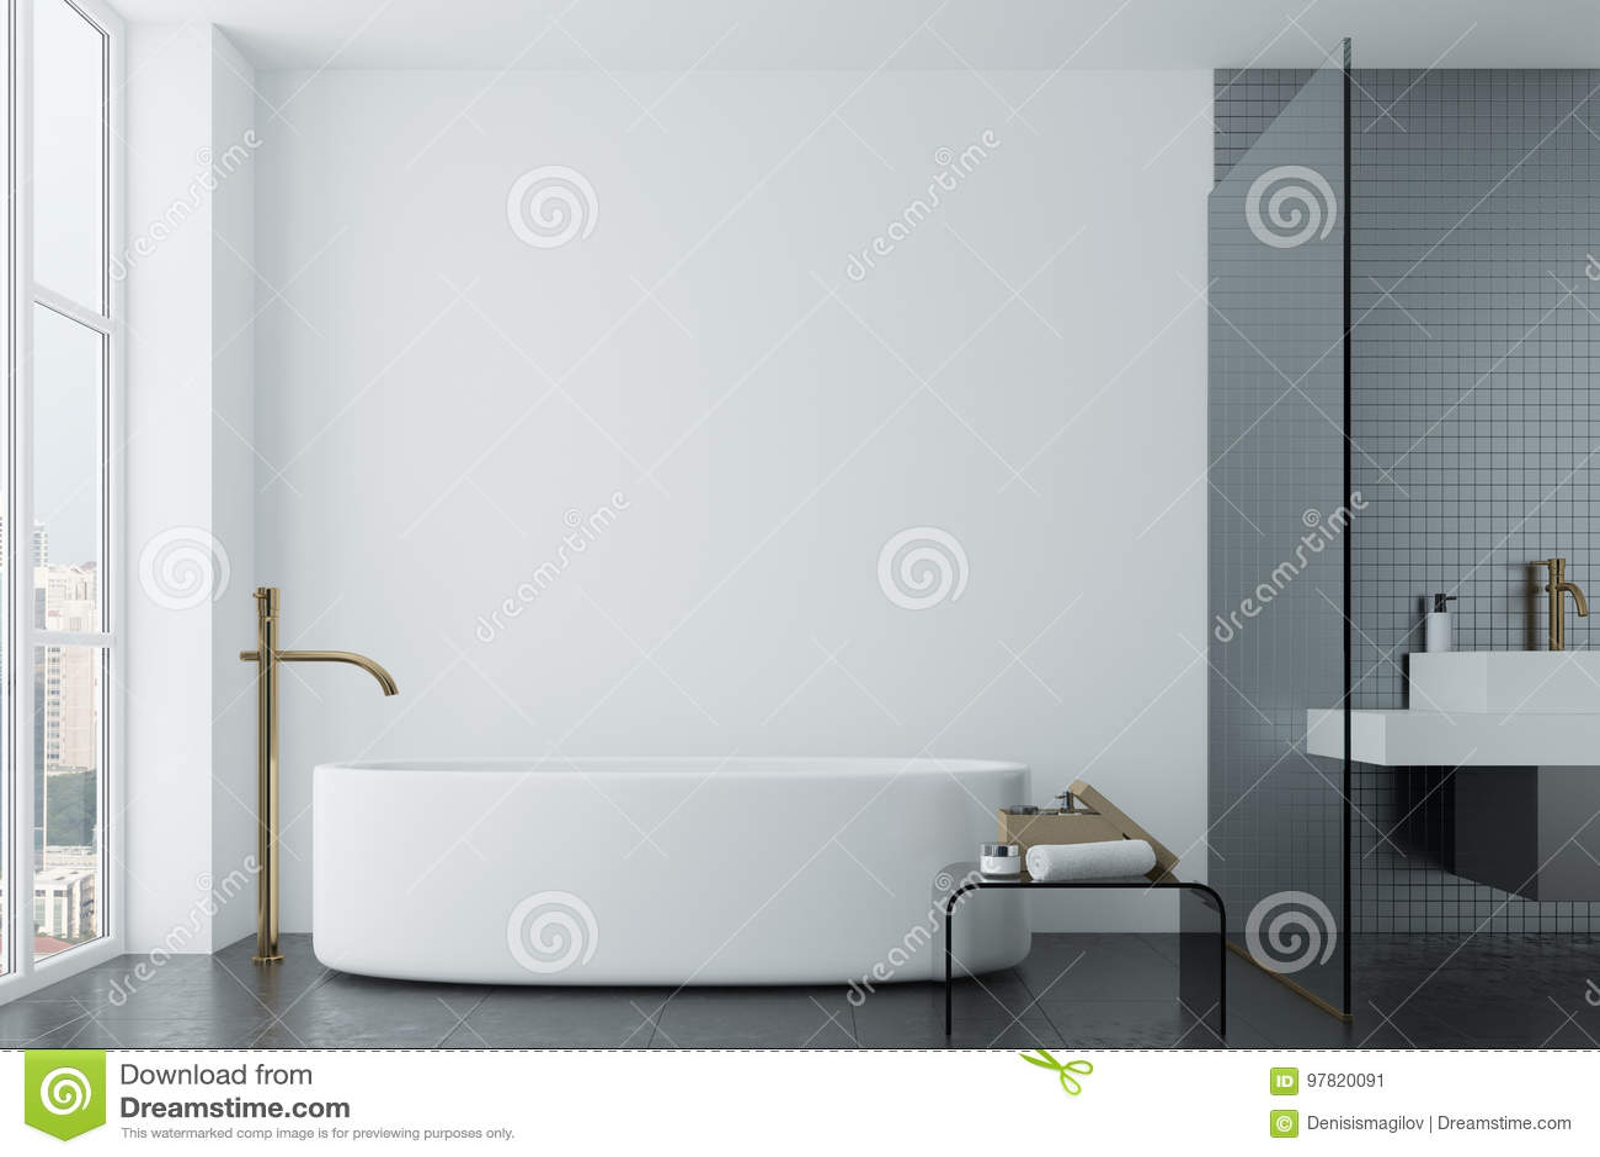 Weißes Badezimmer, Graue Fliesen Und Runde Wanne Stock Abbildung ...